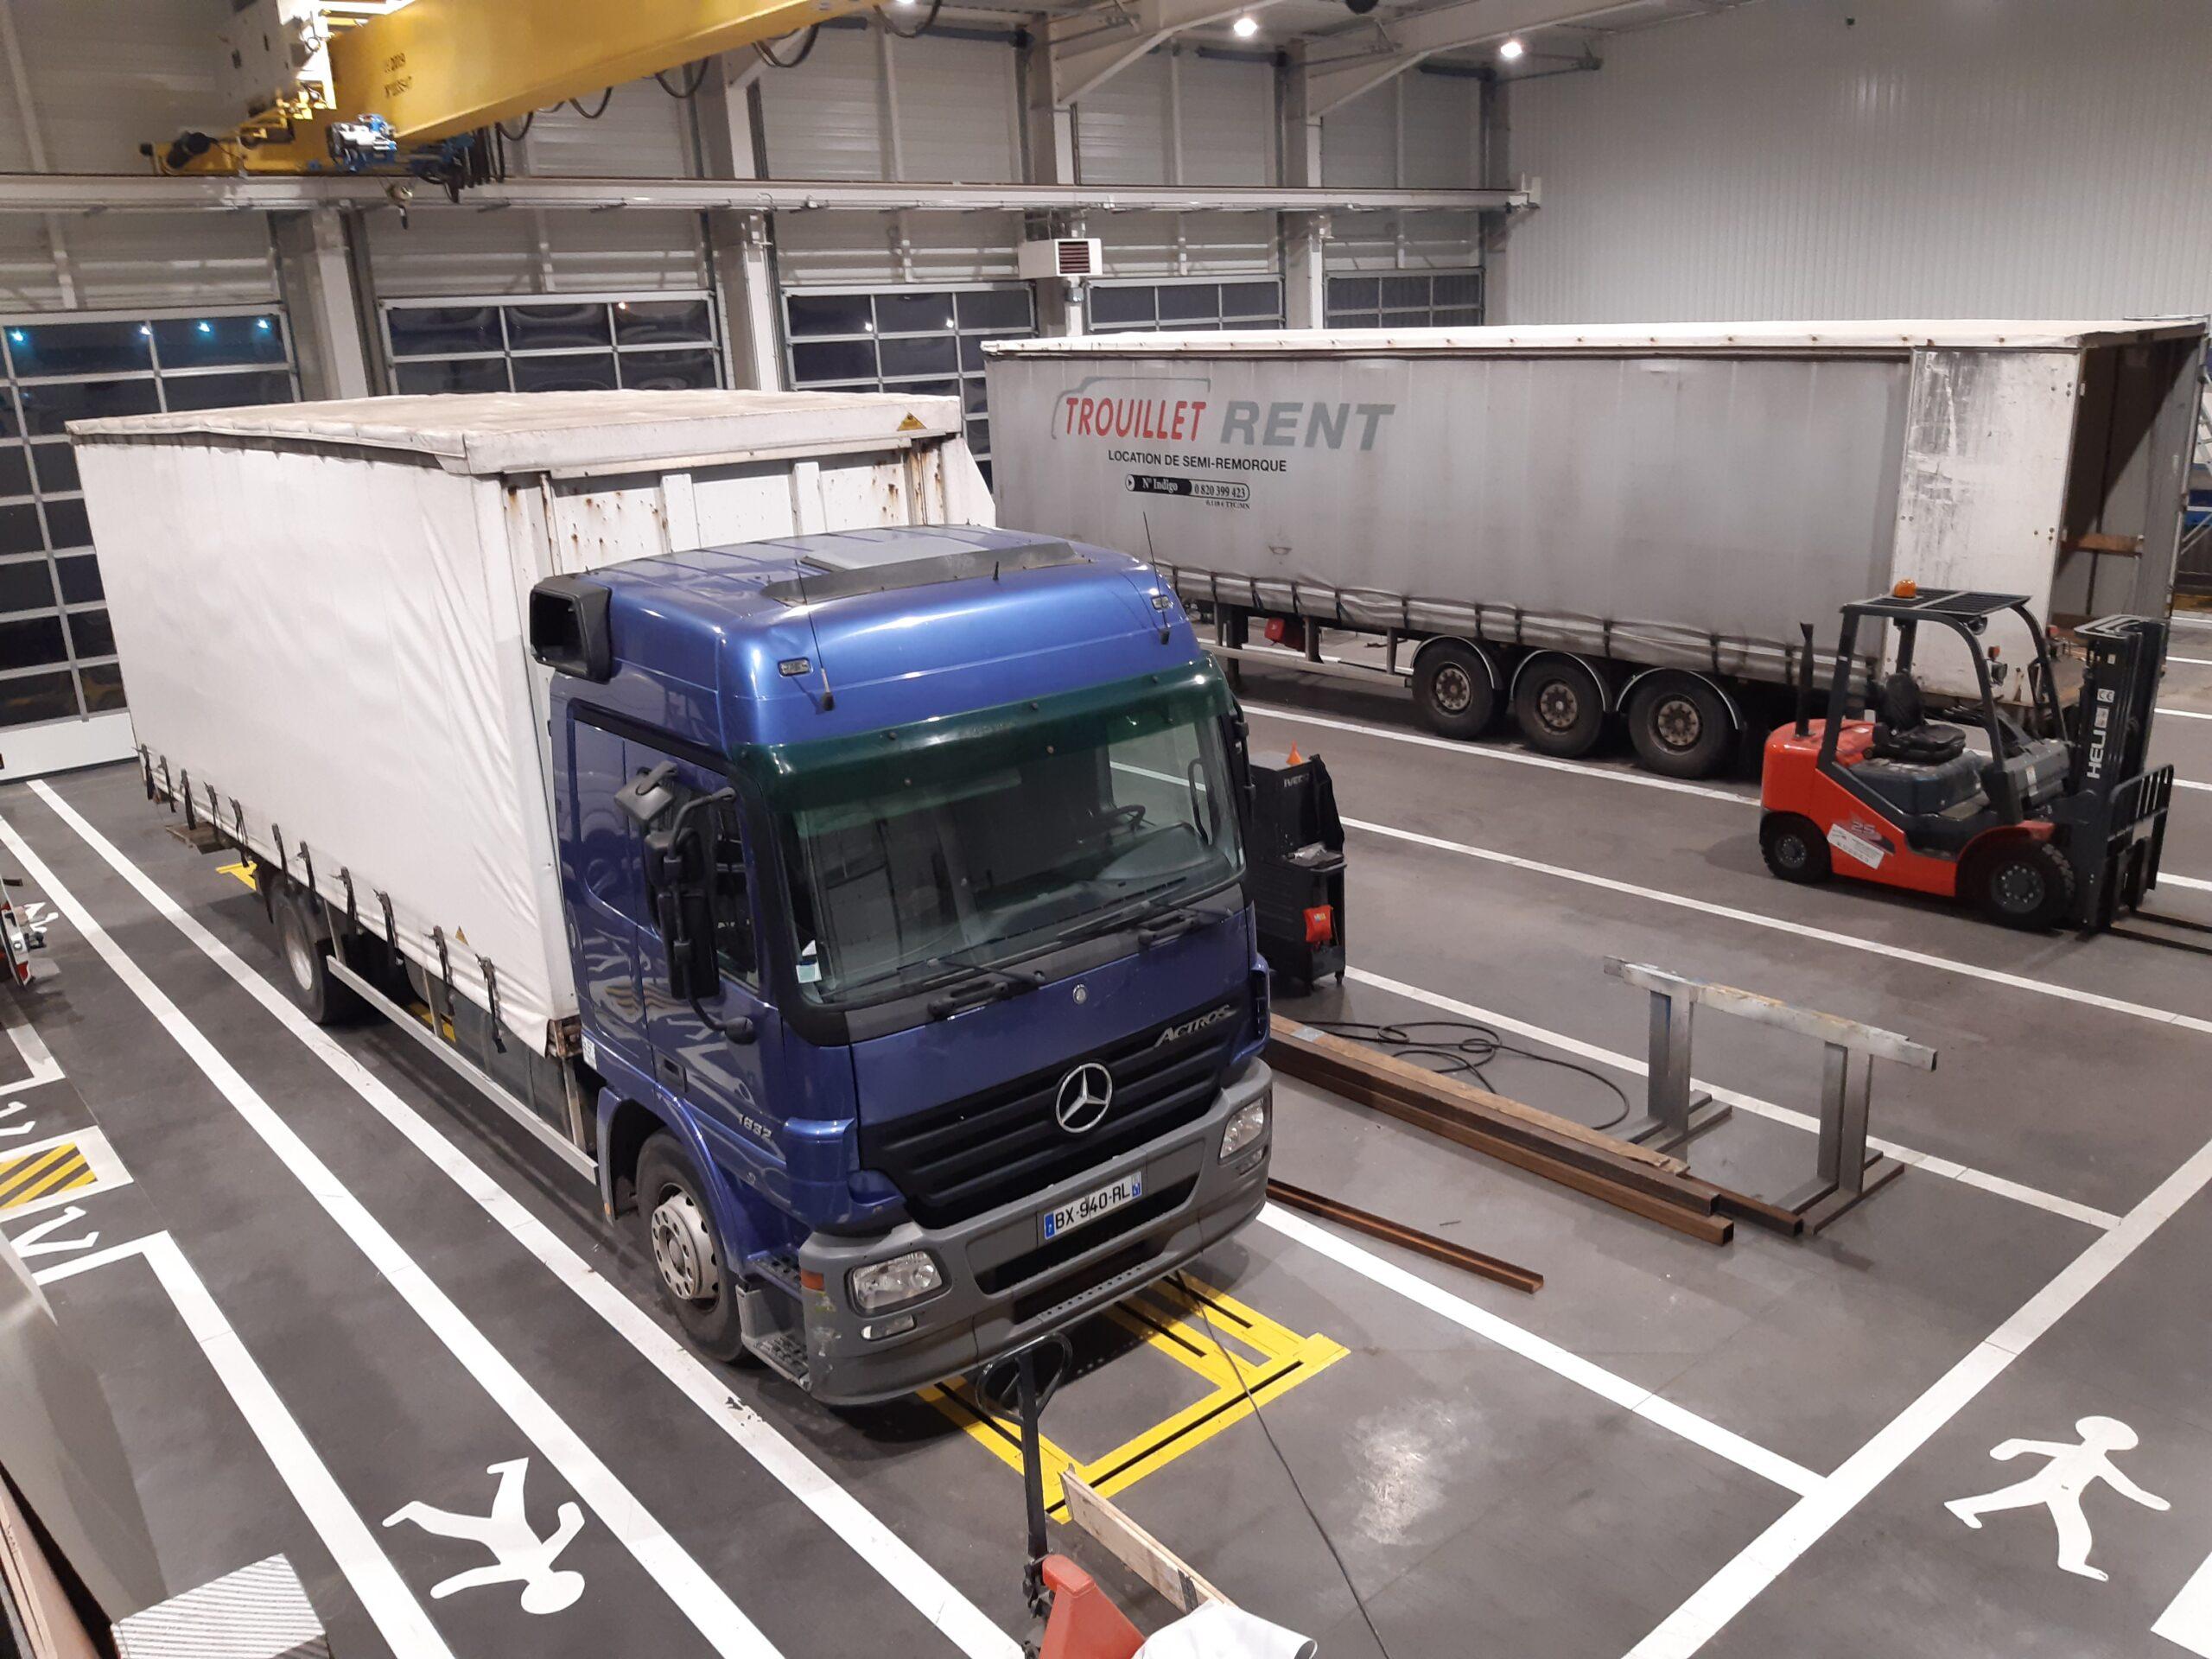 Services assistance dépannage de vos véhicules utilitaires et industriels.